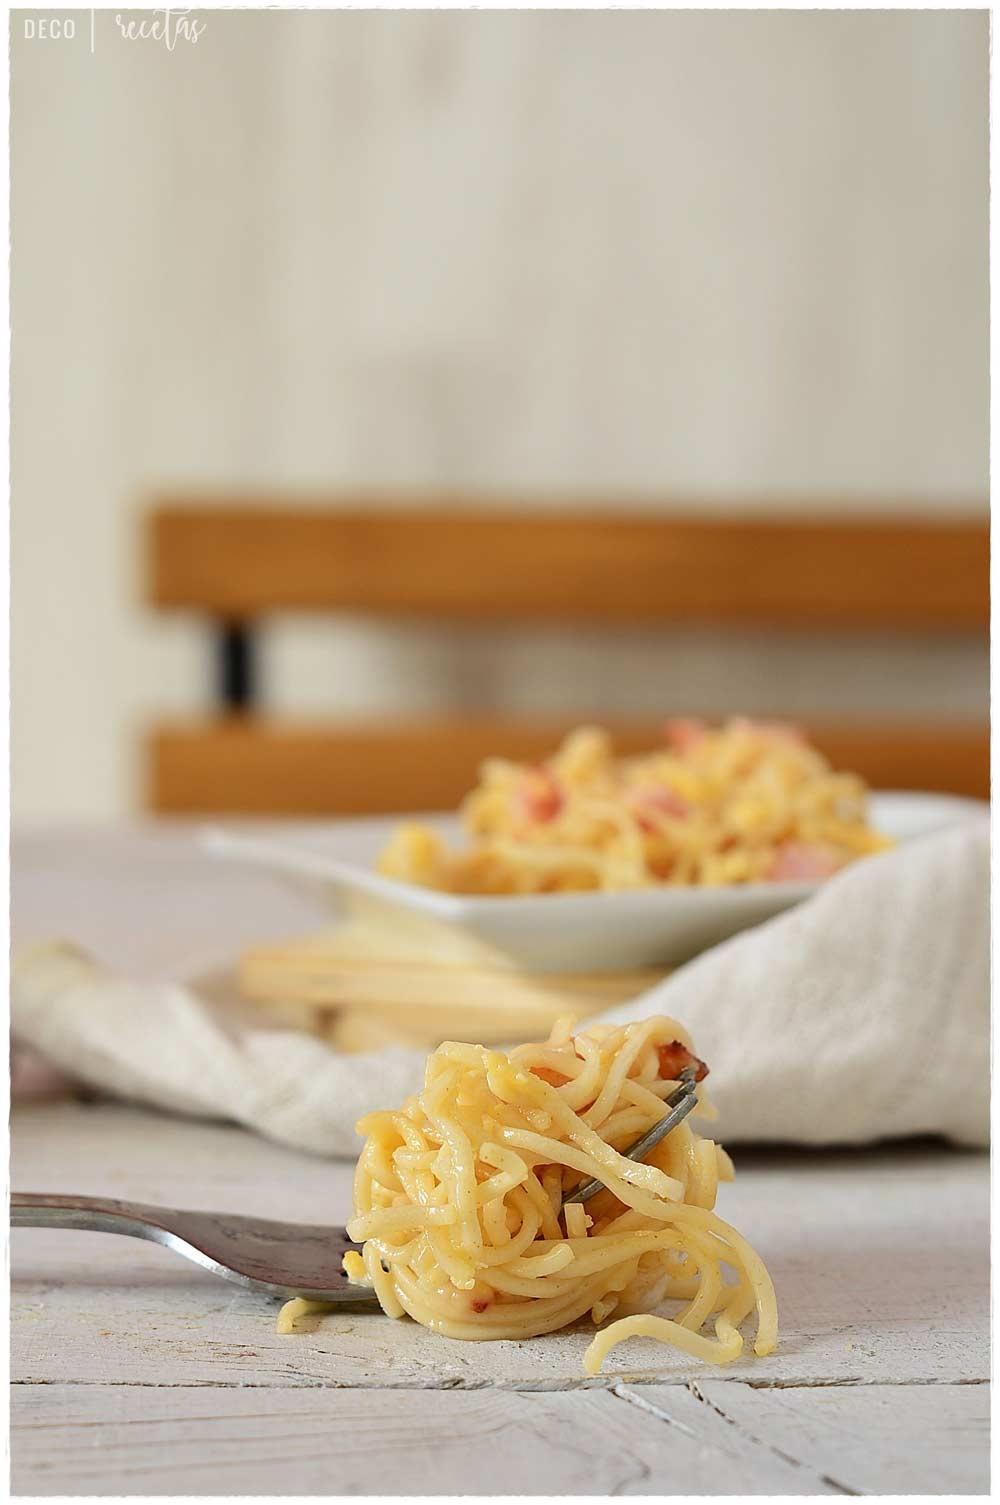 Carbonara sin nata. Aprende a hacer estas 2 recetas sabrosas: espagueti a la carbonara y pizza carbonara